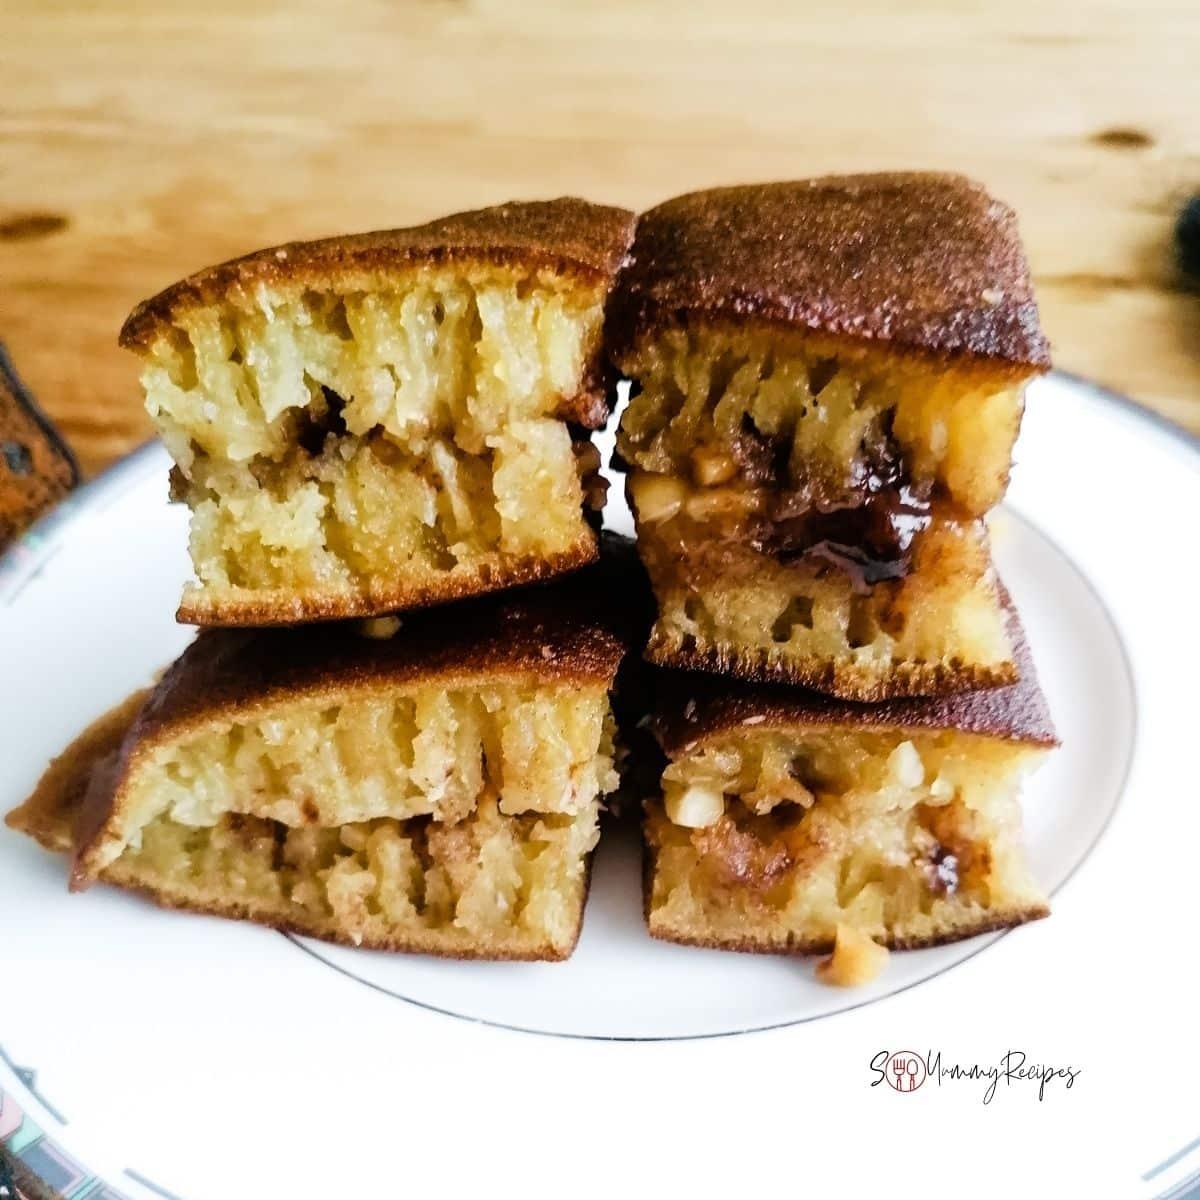 Martabak Manis - Indonesian sweet thick pancake